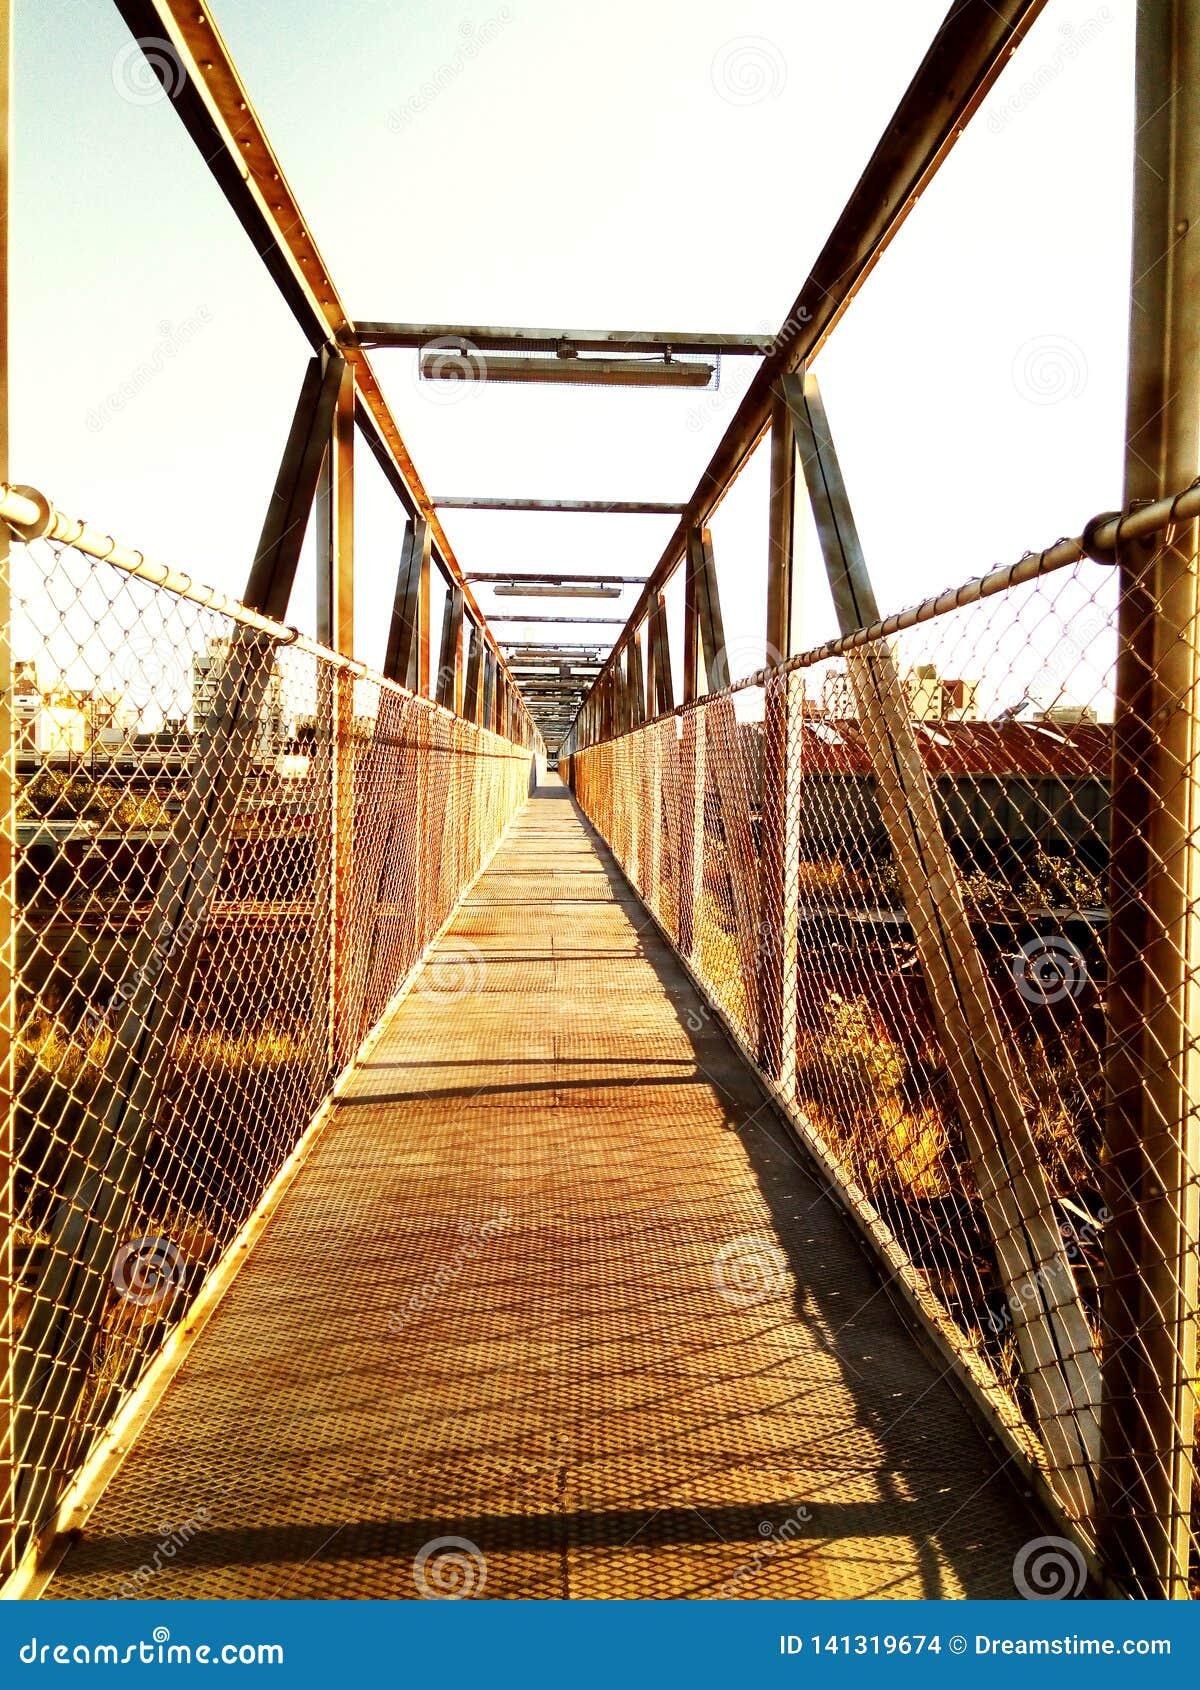 Металлический мост старого вышедшего из употребления вокзала, получившийся отказ к элементам